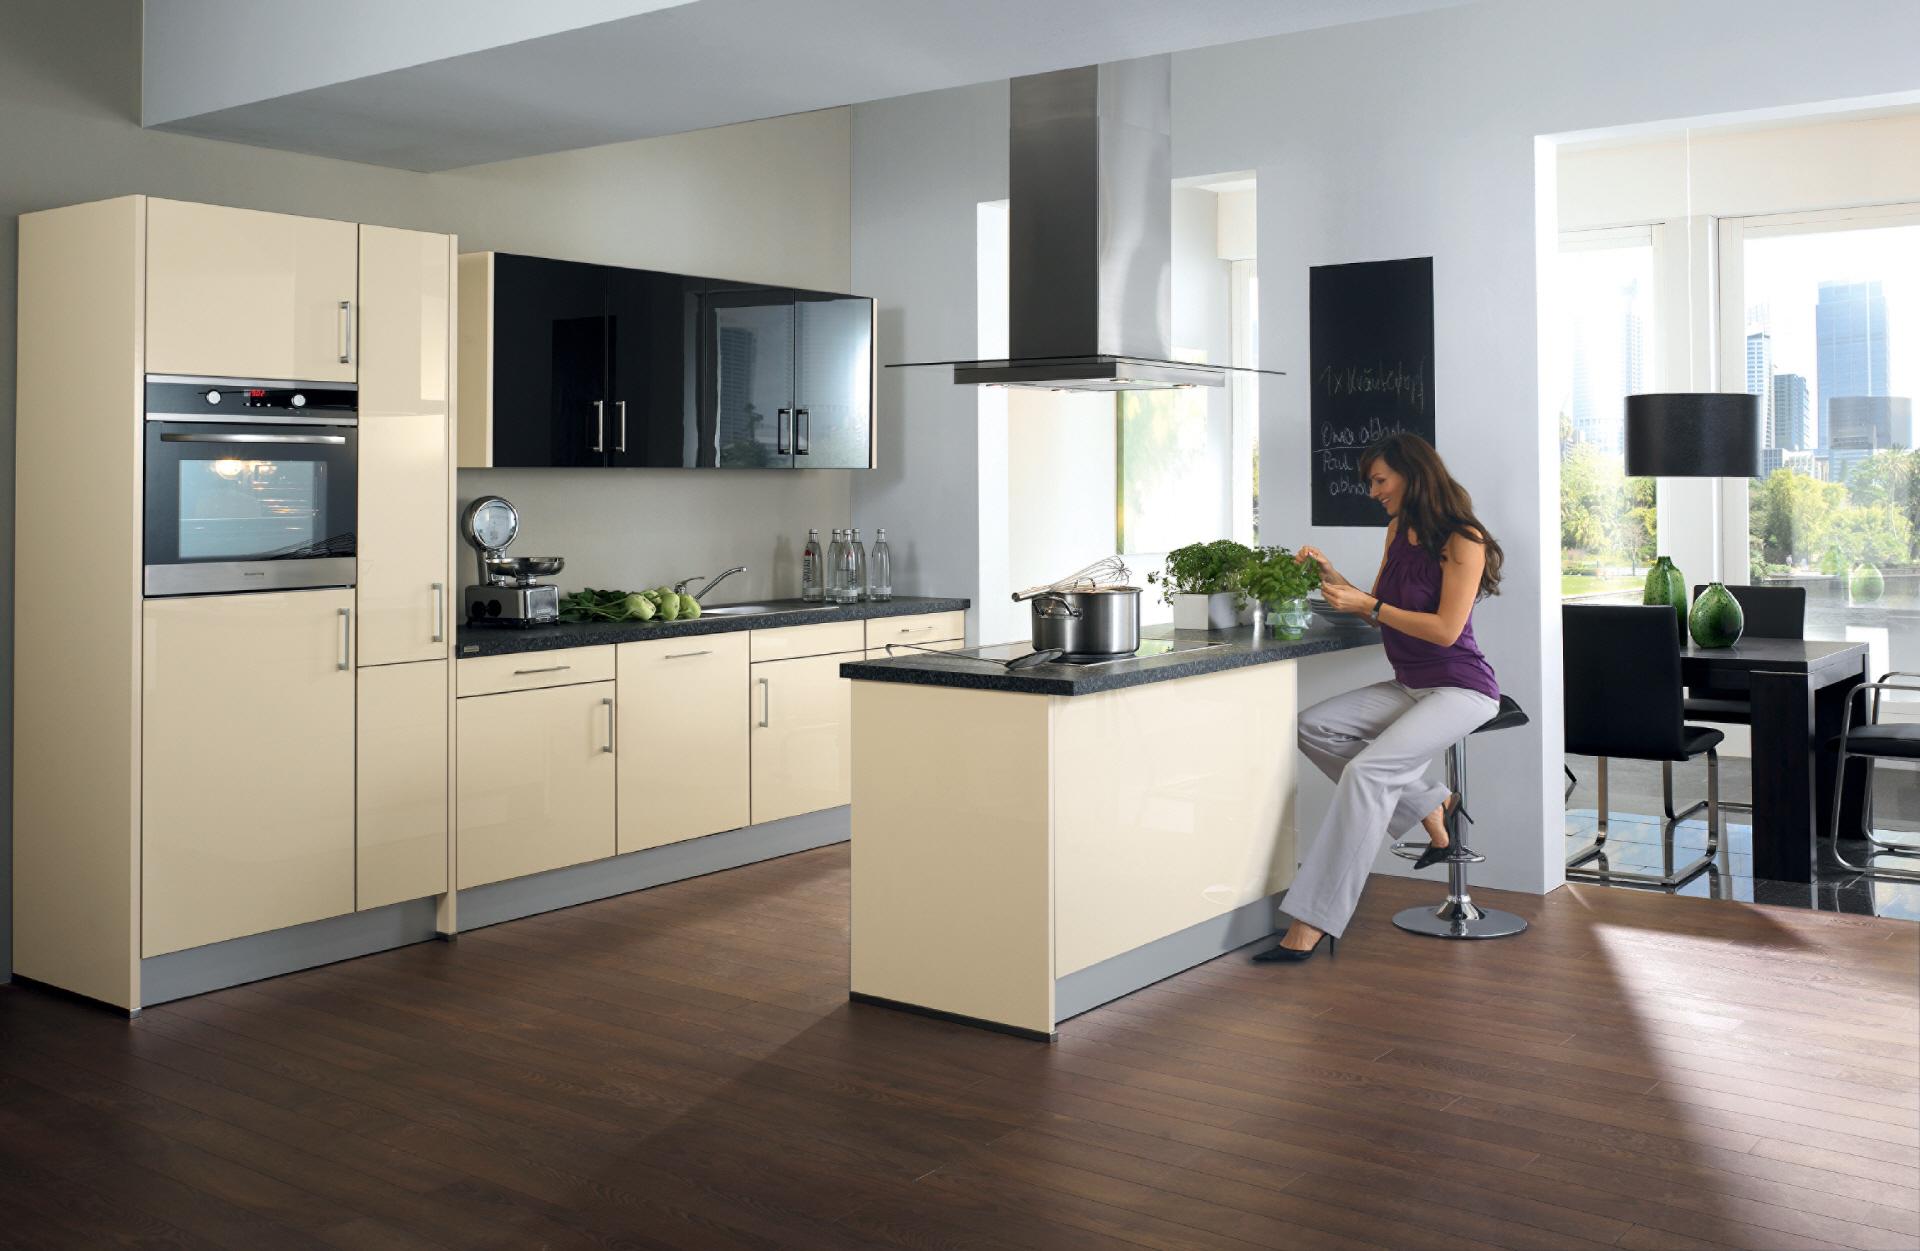 einbauger te von k ppersbusch und miele p sentiert vom k chenprofi k chenherbert aus storkow. Black Bedroom Furniture Sets. Home Design Ideas